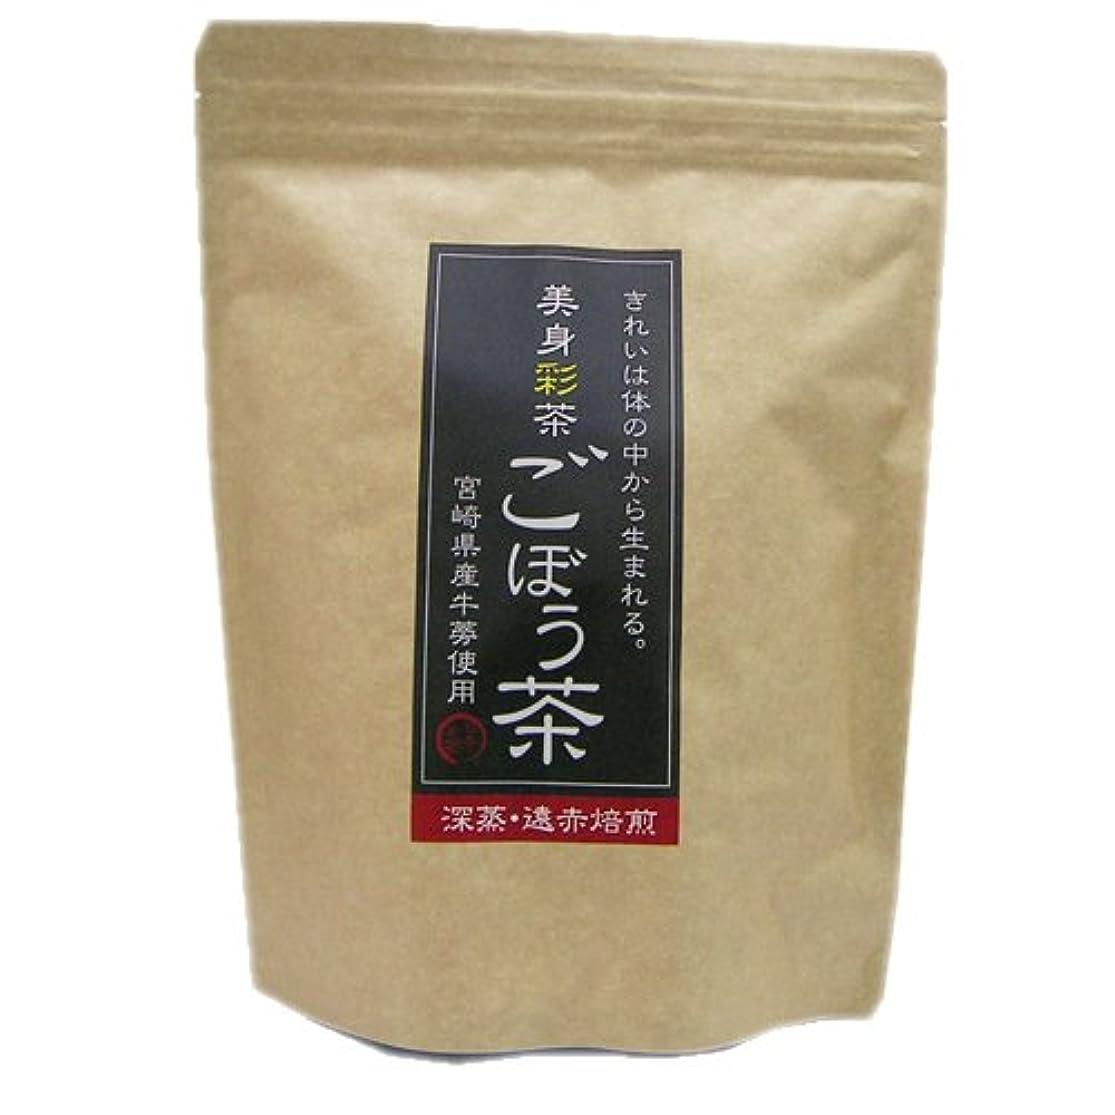 部門革命的道を作るゴボウ茶